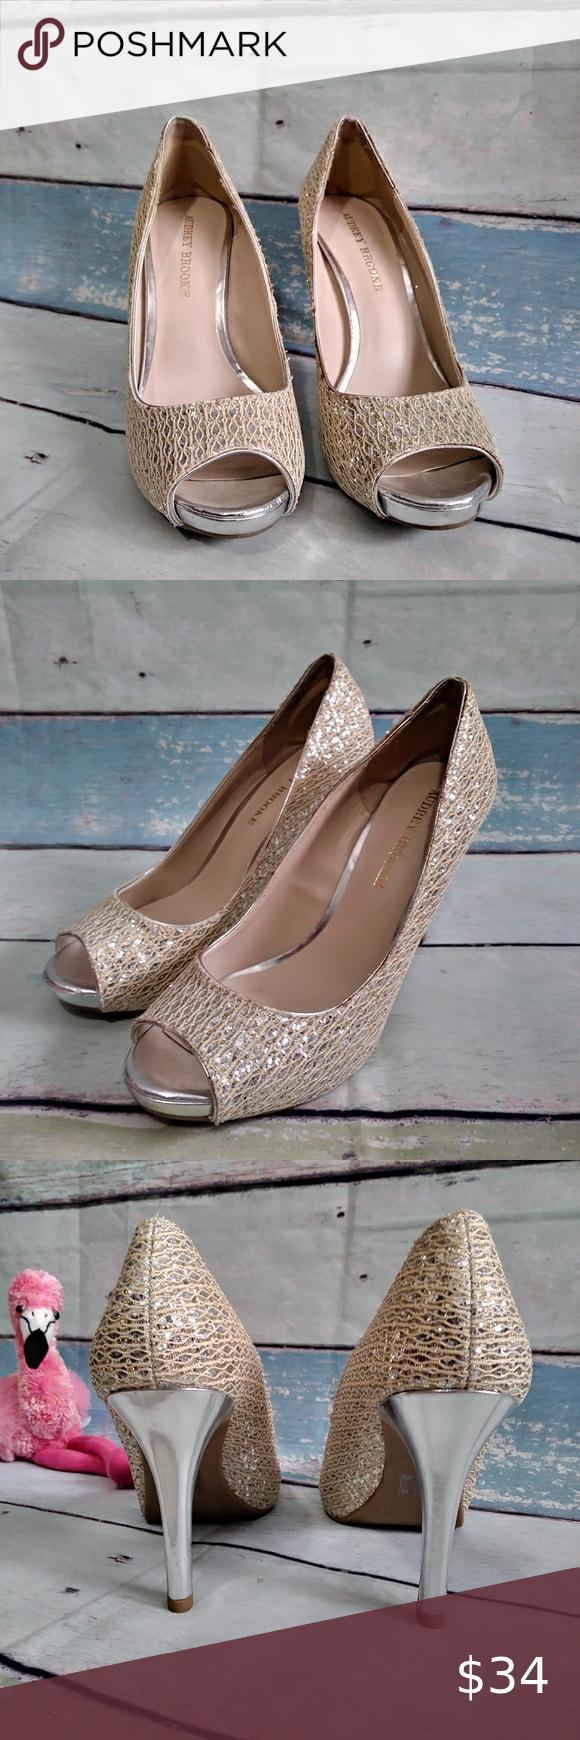 Audrey Brooke Heels Sparkling Silver & Gold Audrey Brooke Sparkling Gold & Silve...